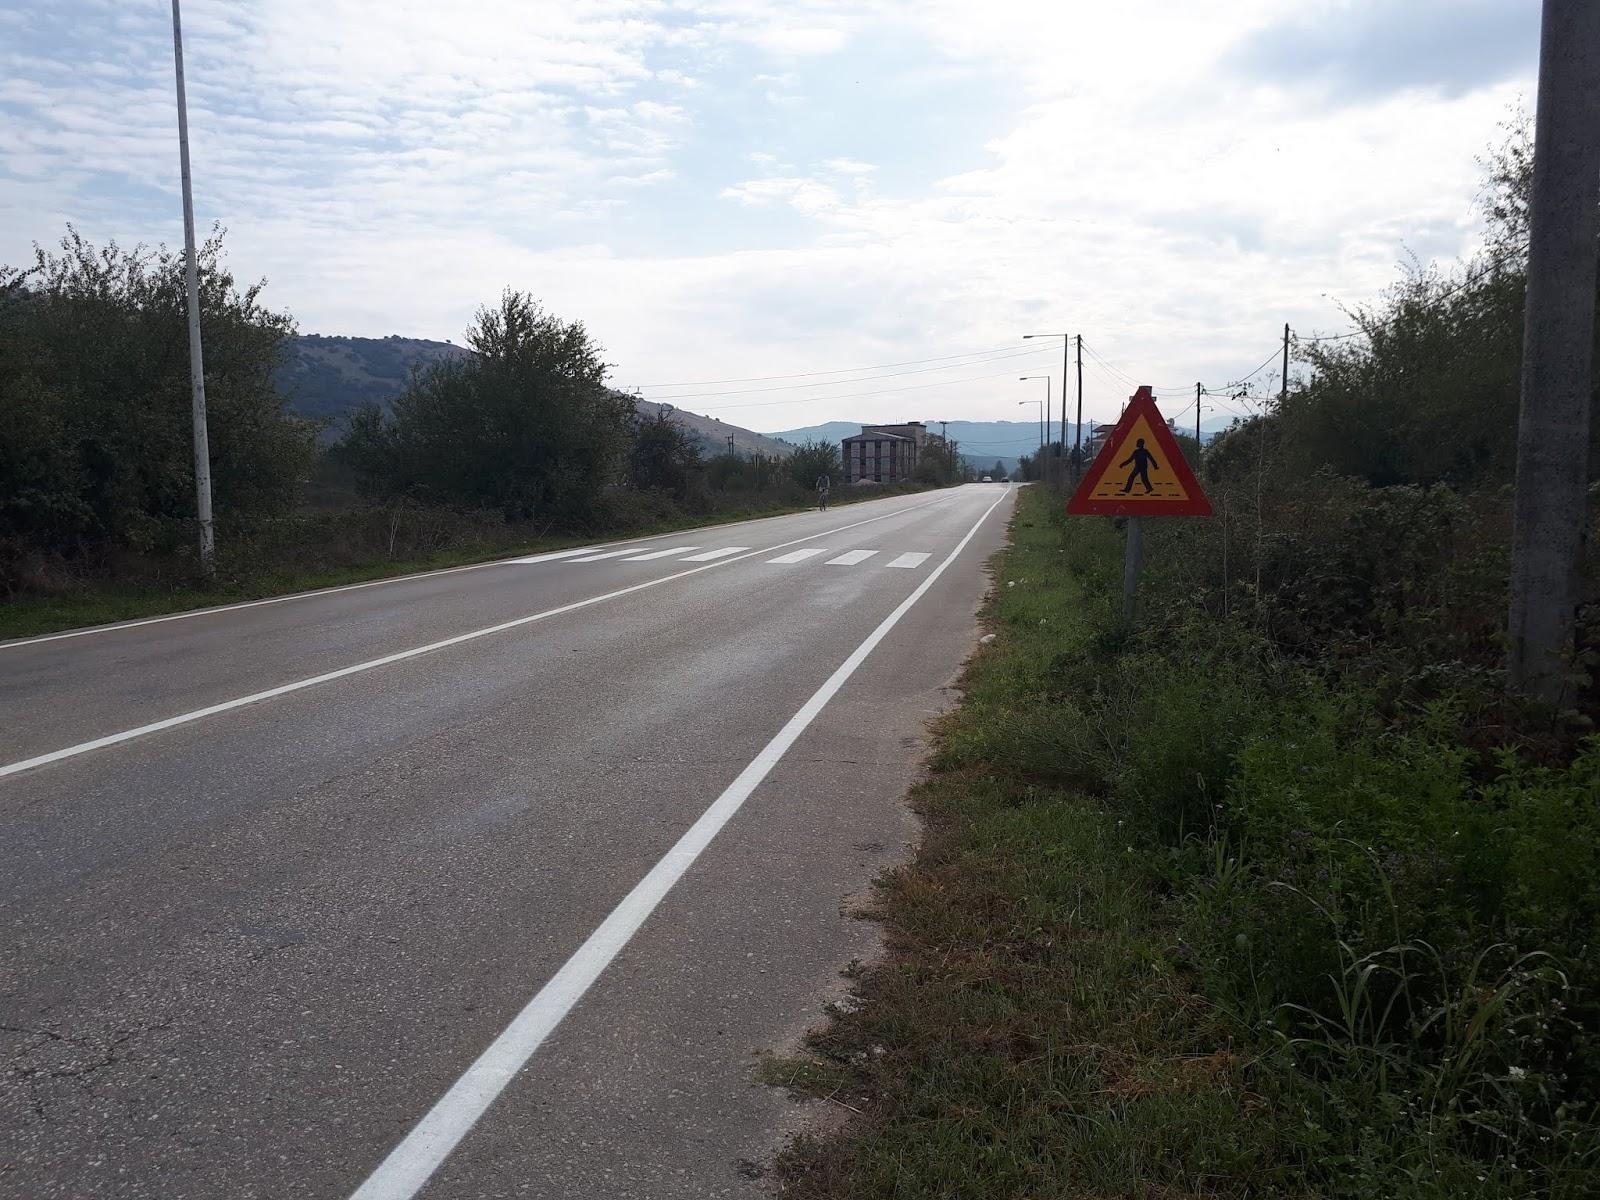 Ιωάννινα:Παρεμβάσεις για την οδική ασφάλεια στο Κέντρο Προσφύγων του Κατσικά